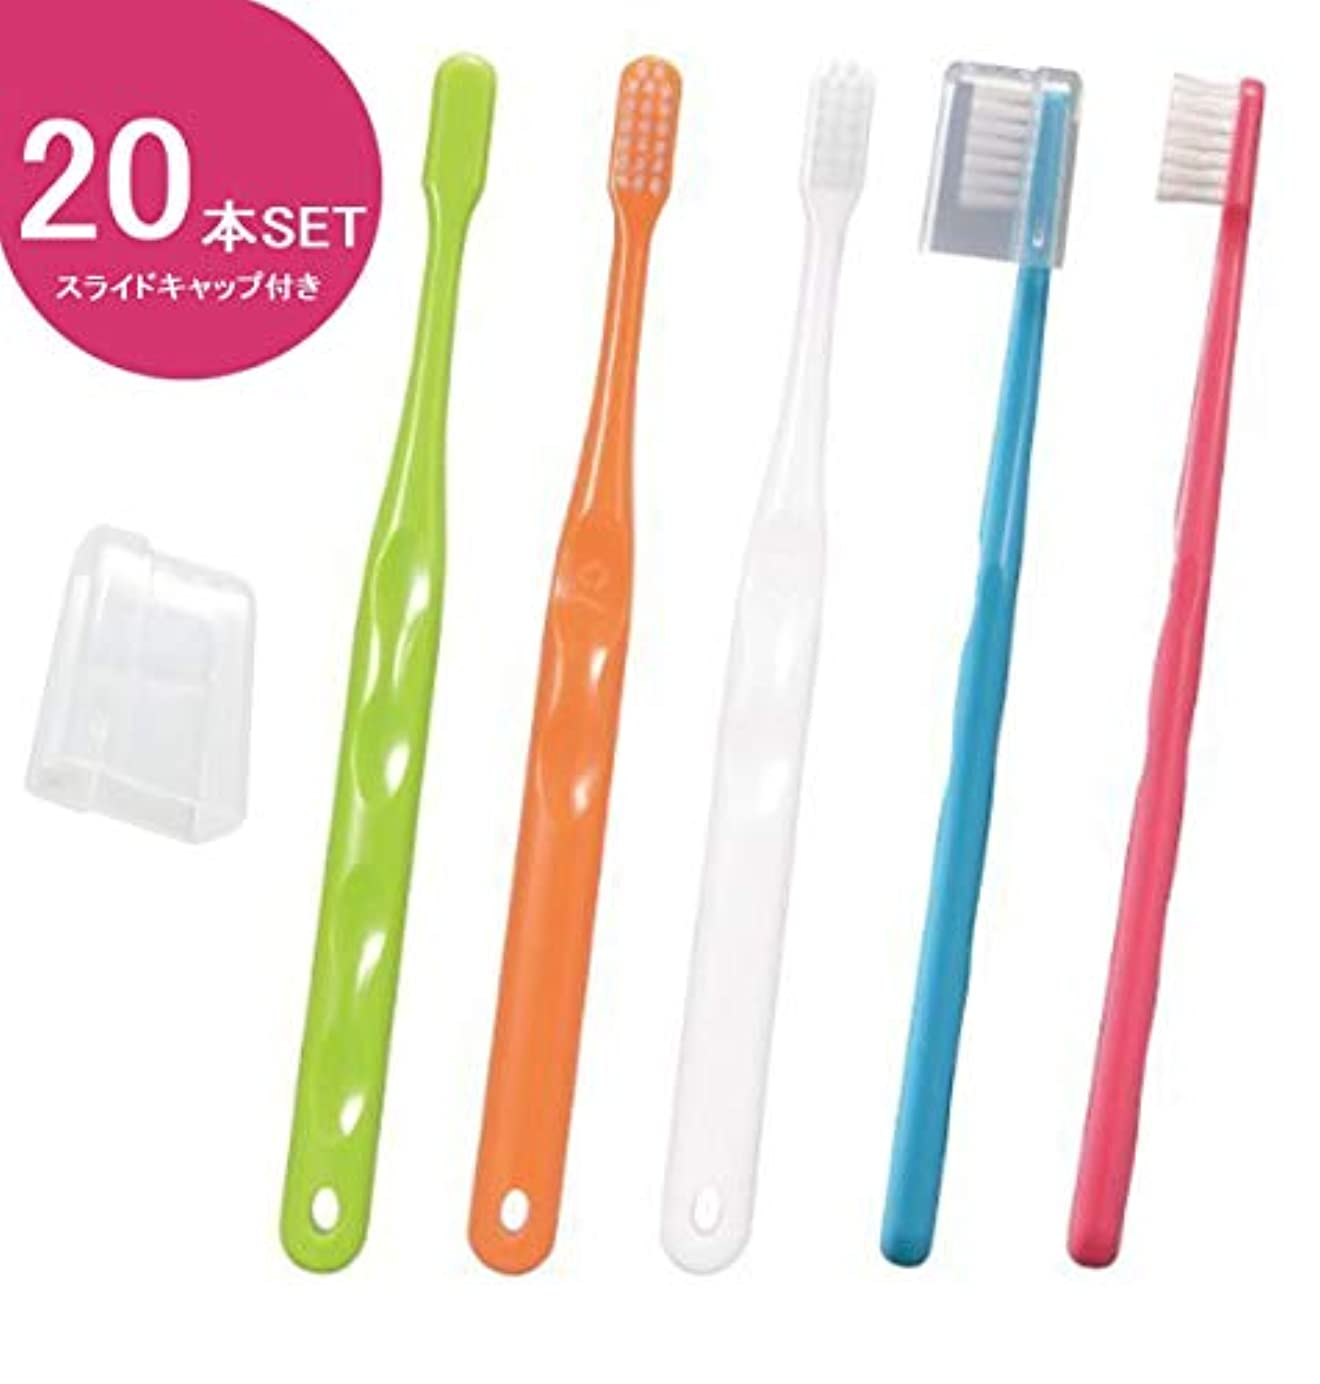 レシピ自殺テロCiメディカル Ci700 (超先細+ラウンド毛) 歯ブラシ S(やわらかめ) スライドキャップ付き 20本